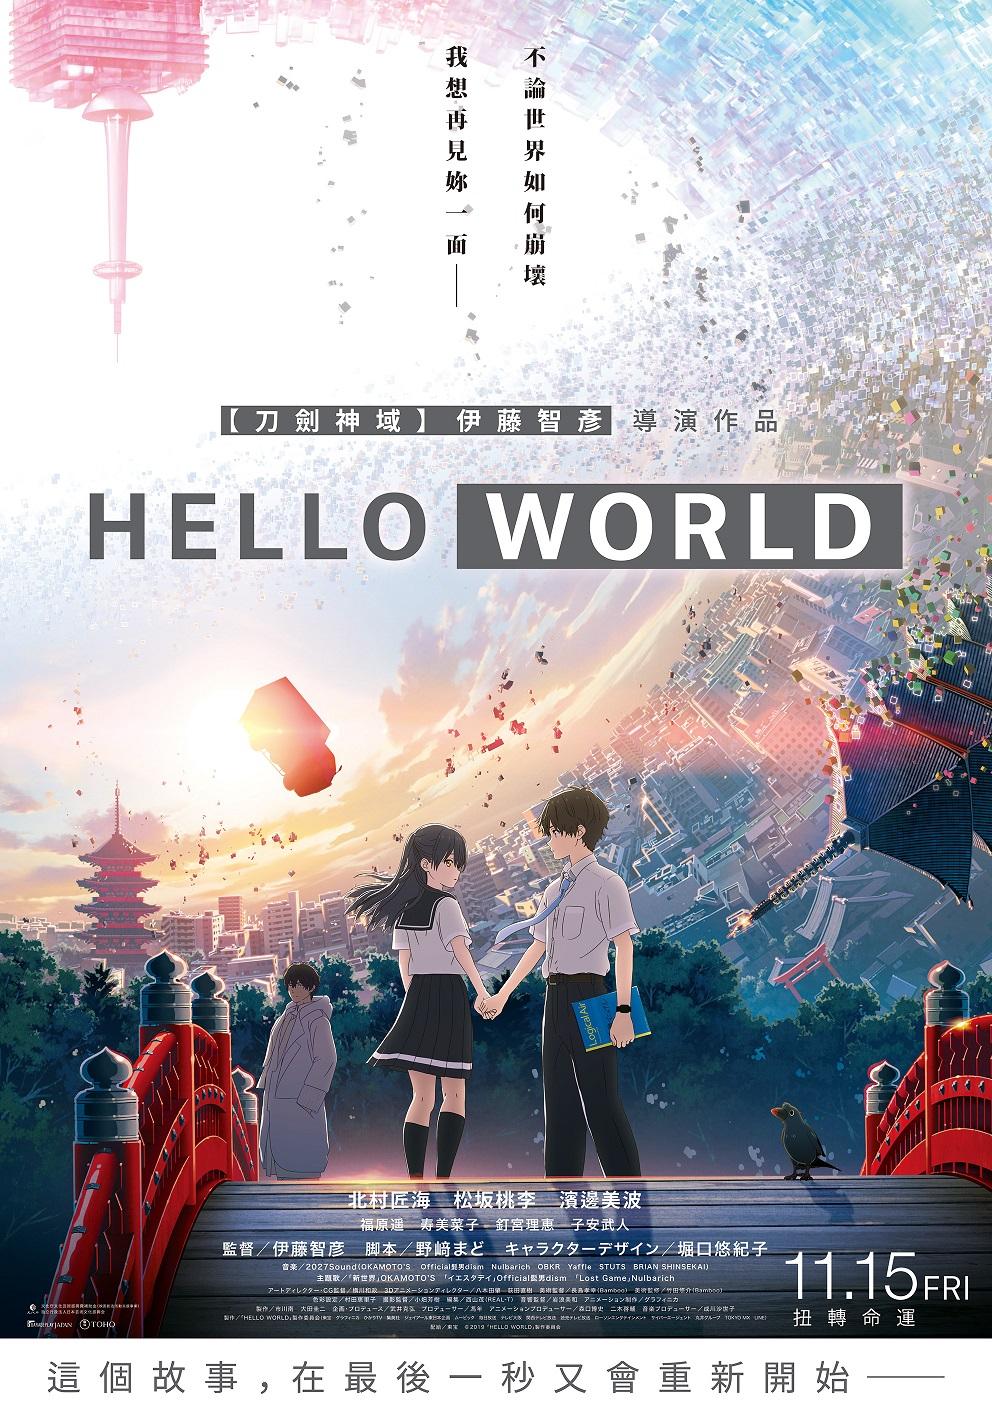 《刀劍神域》系列導演伊藤智彥新作《HELLO WORLD》 濱邊美波、北村匠海再續「音」緣